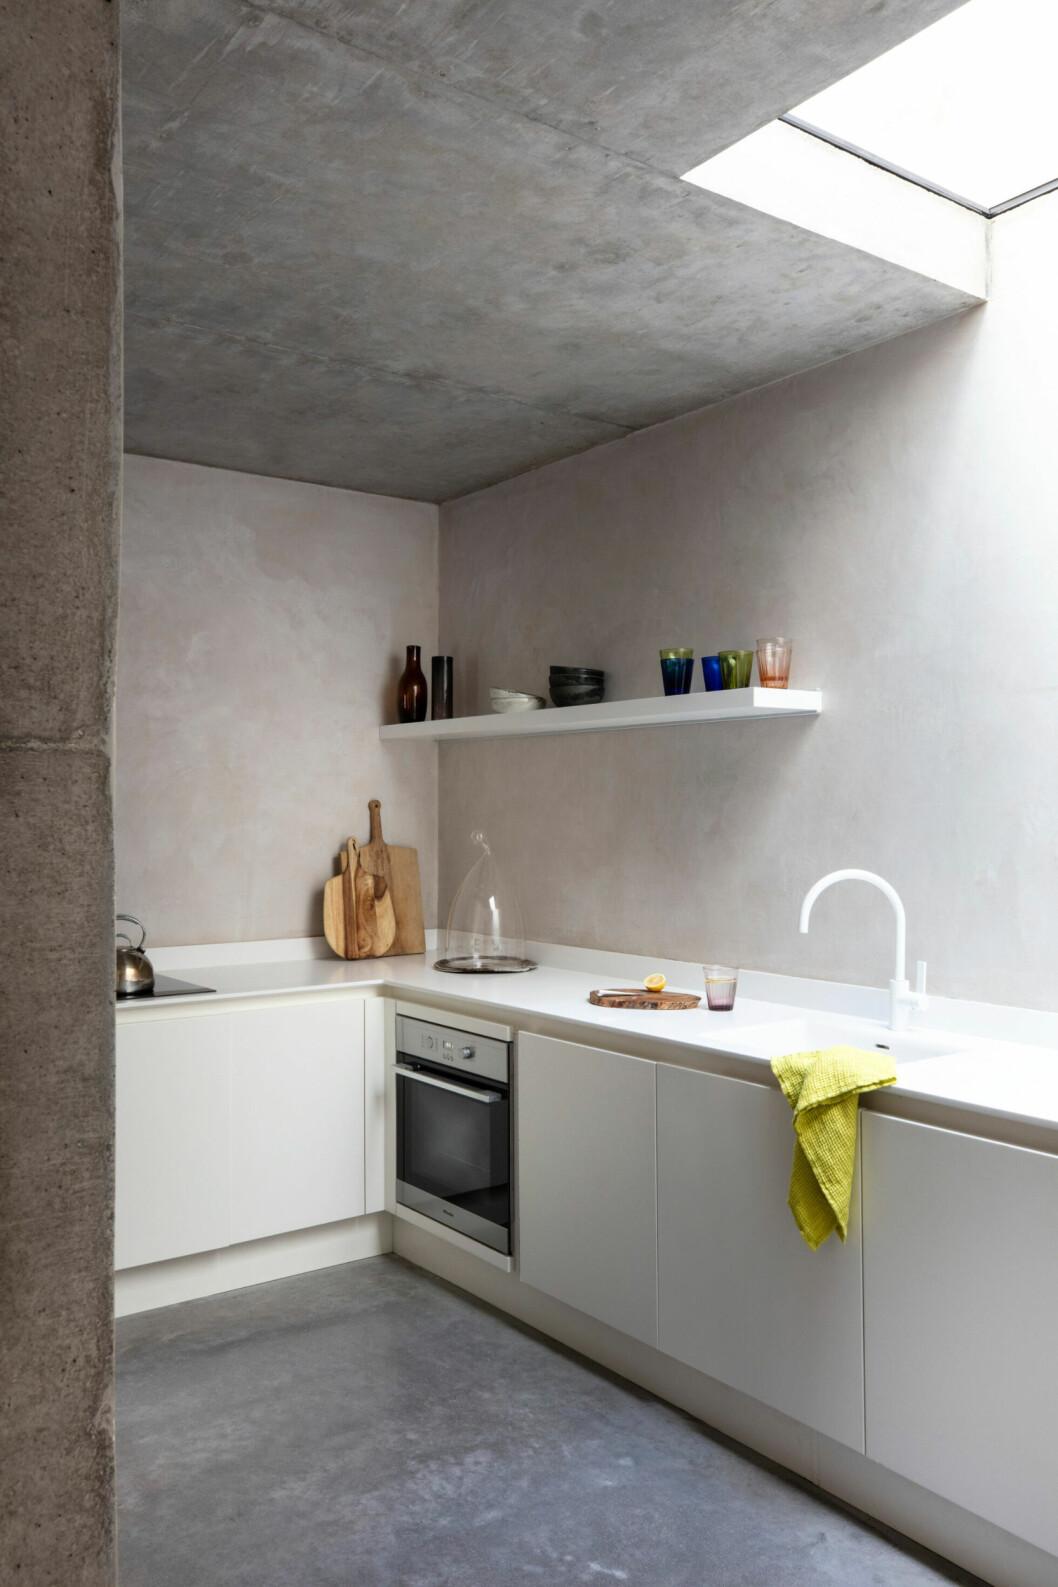 Köket går i sparsmakad stil i vita och gråa toner